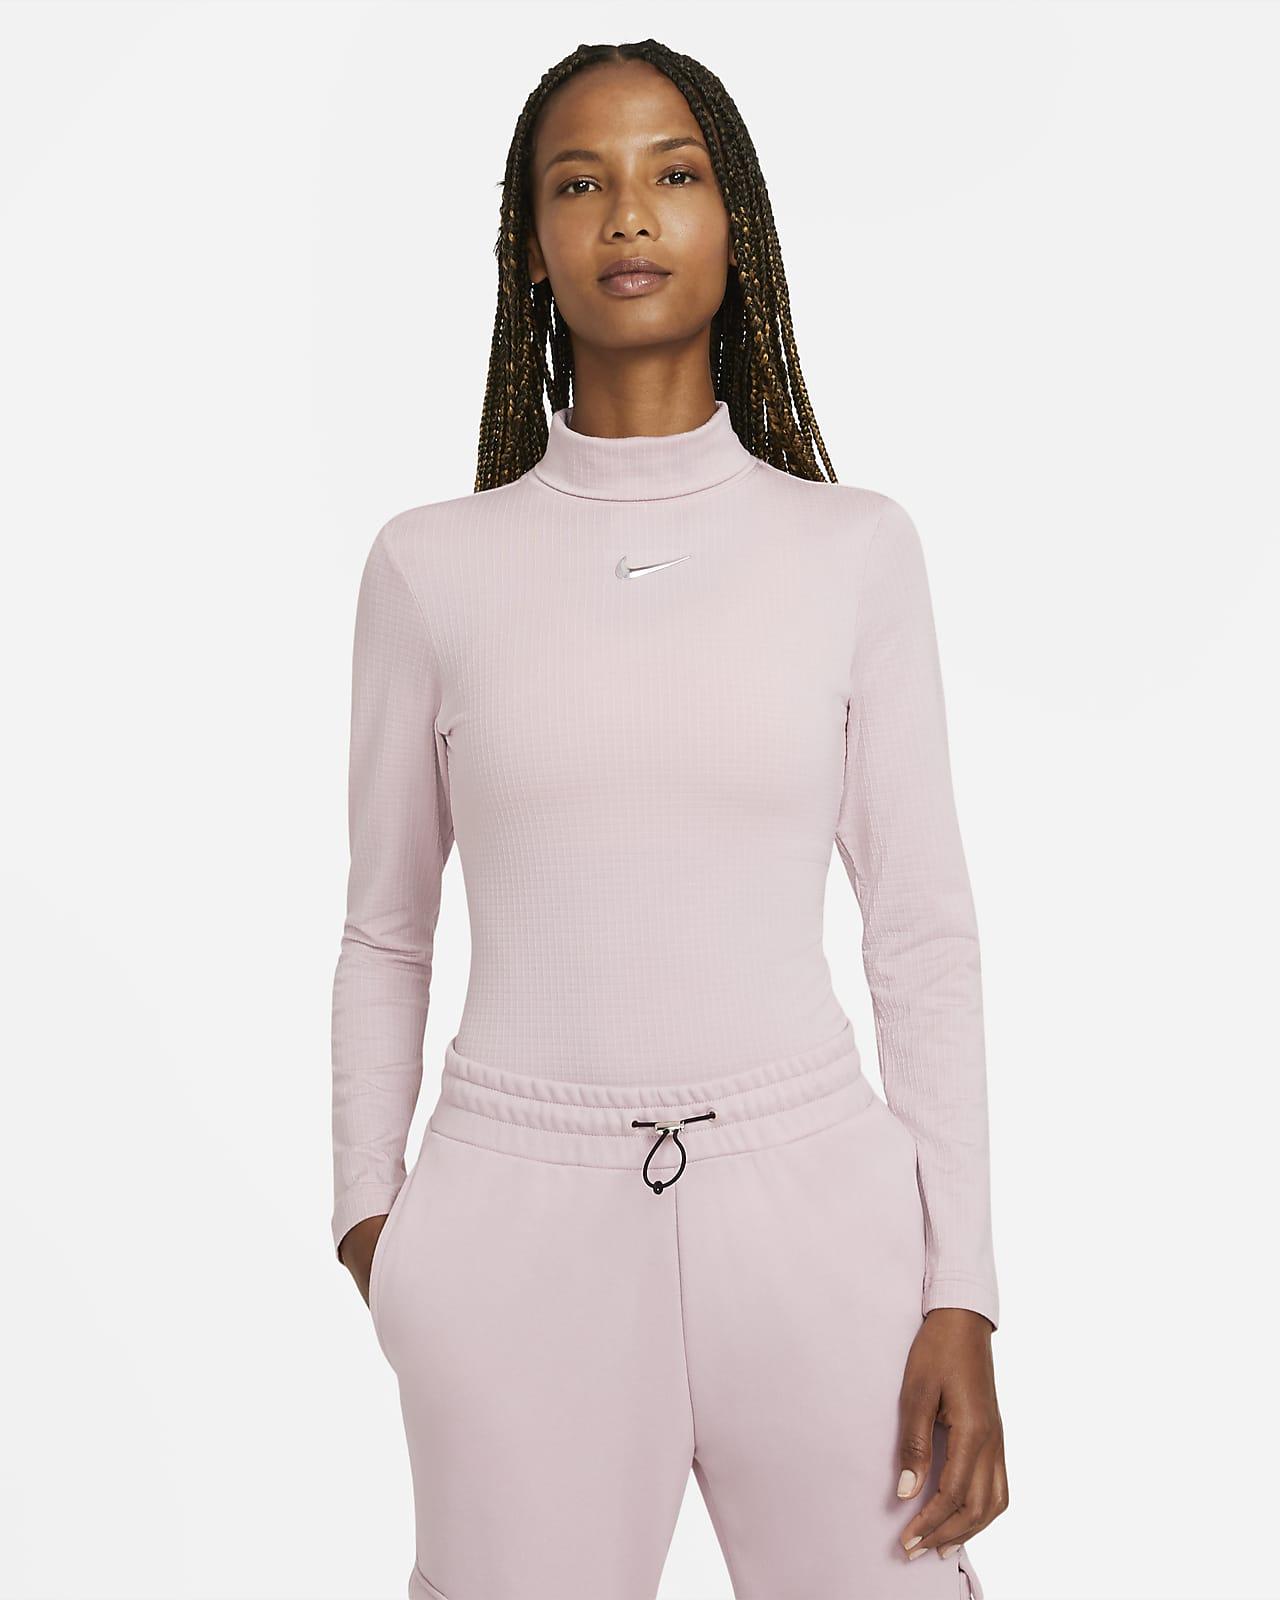 Nike Sportswear Swoosh Women's Long-Sleeve Top